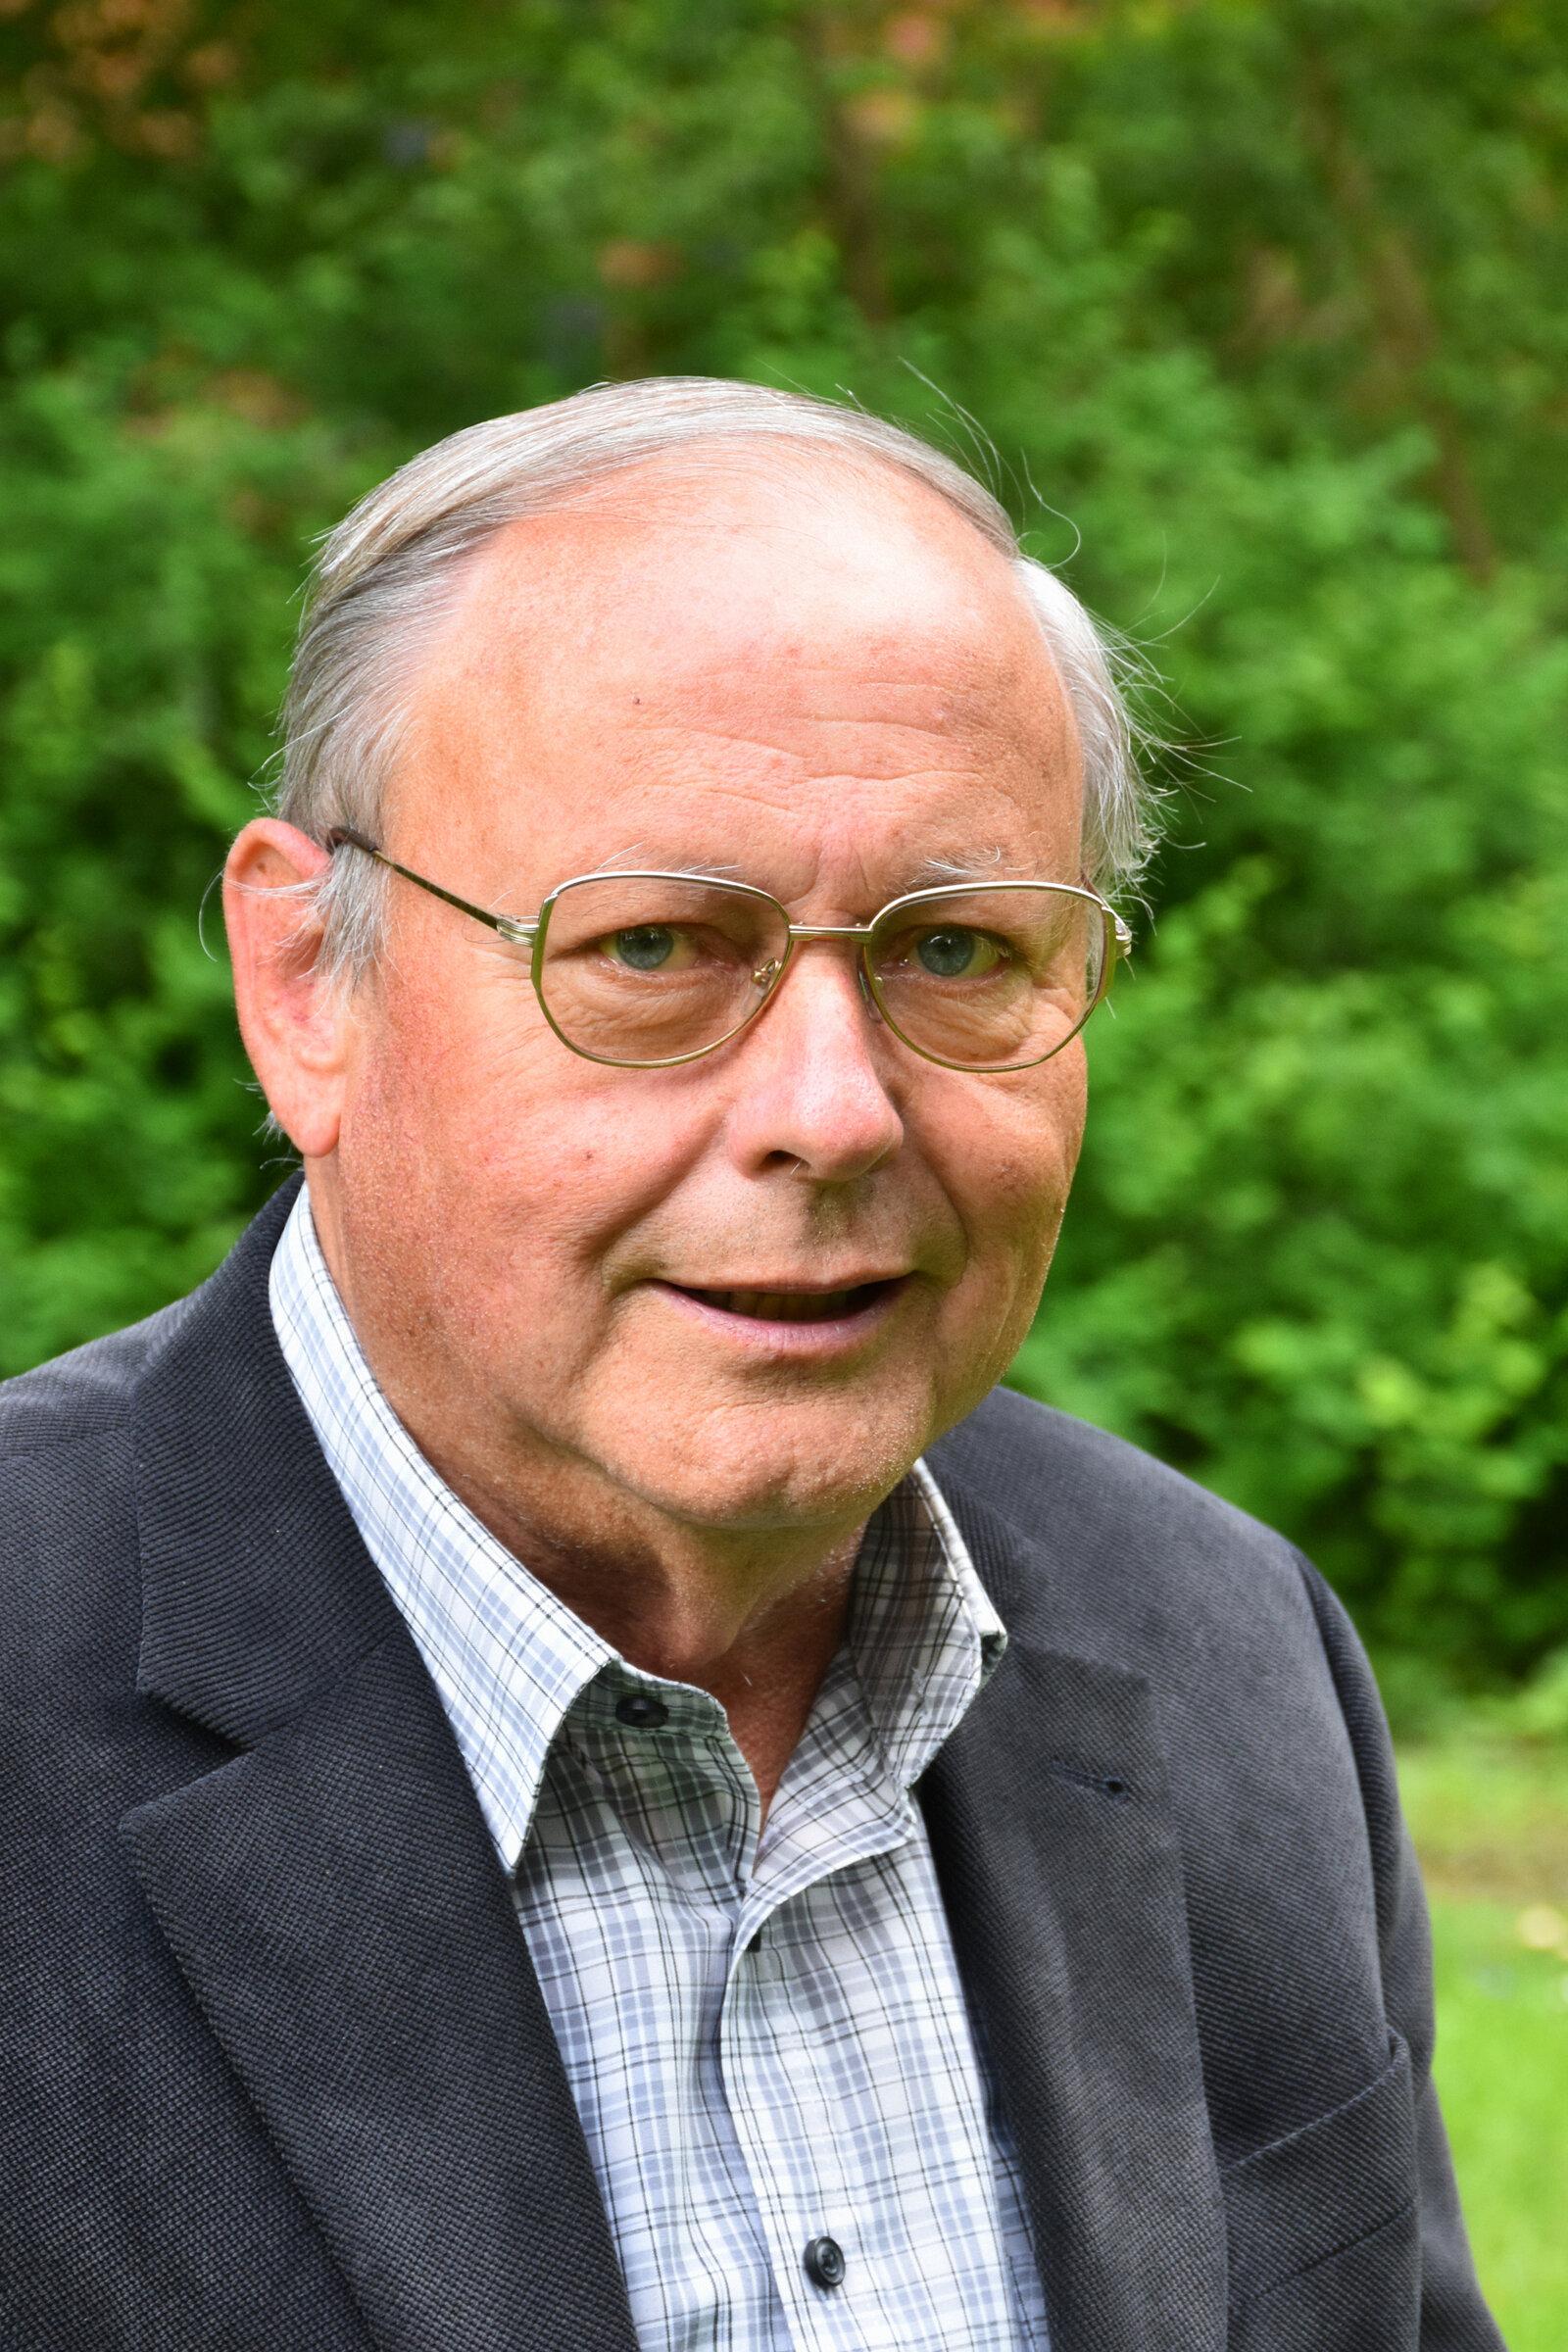 Reinhard Busse